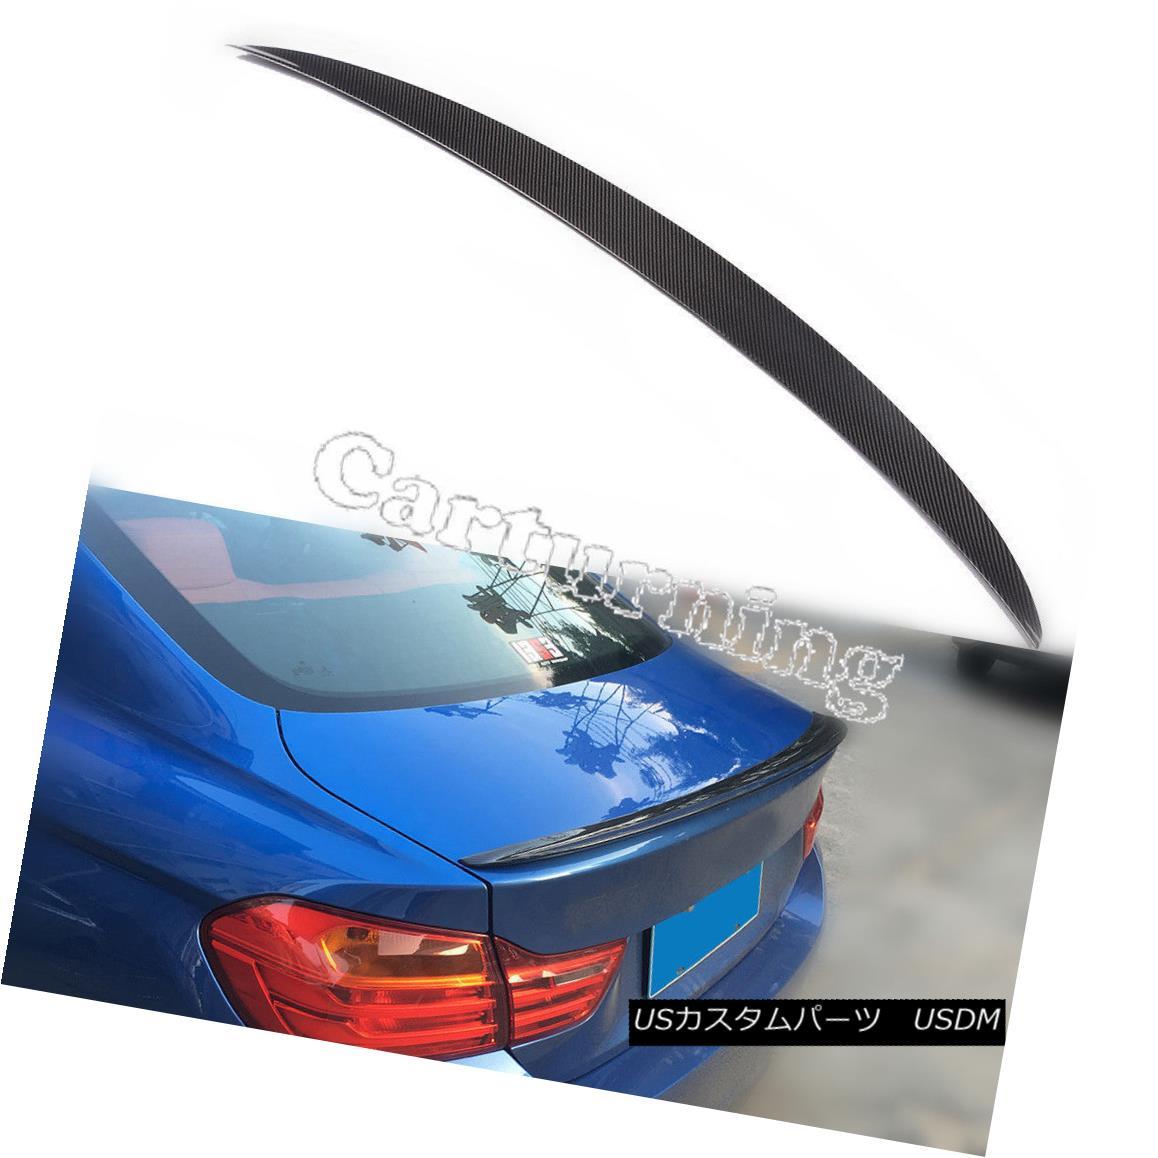 New Genuine BMW 3 Series E90 E92 E93 Strut Tower Brace Center Mount 8045860 OEM